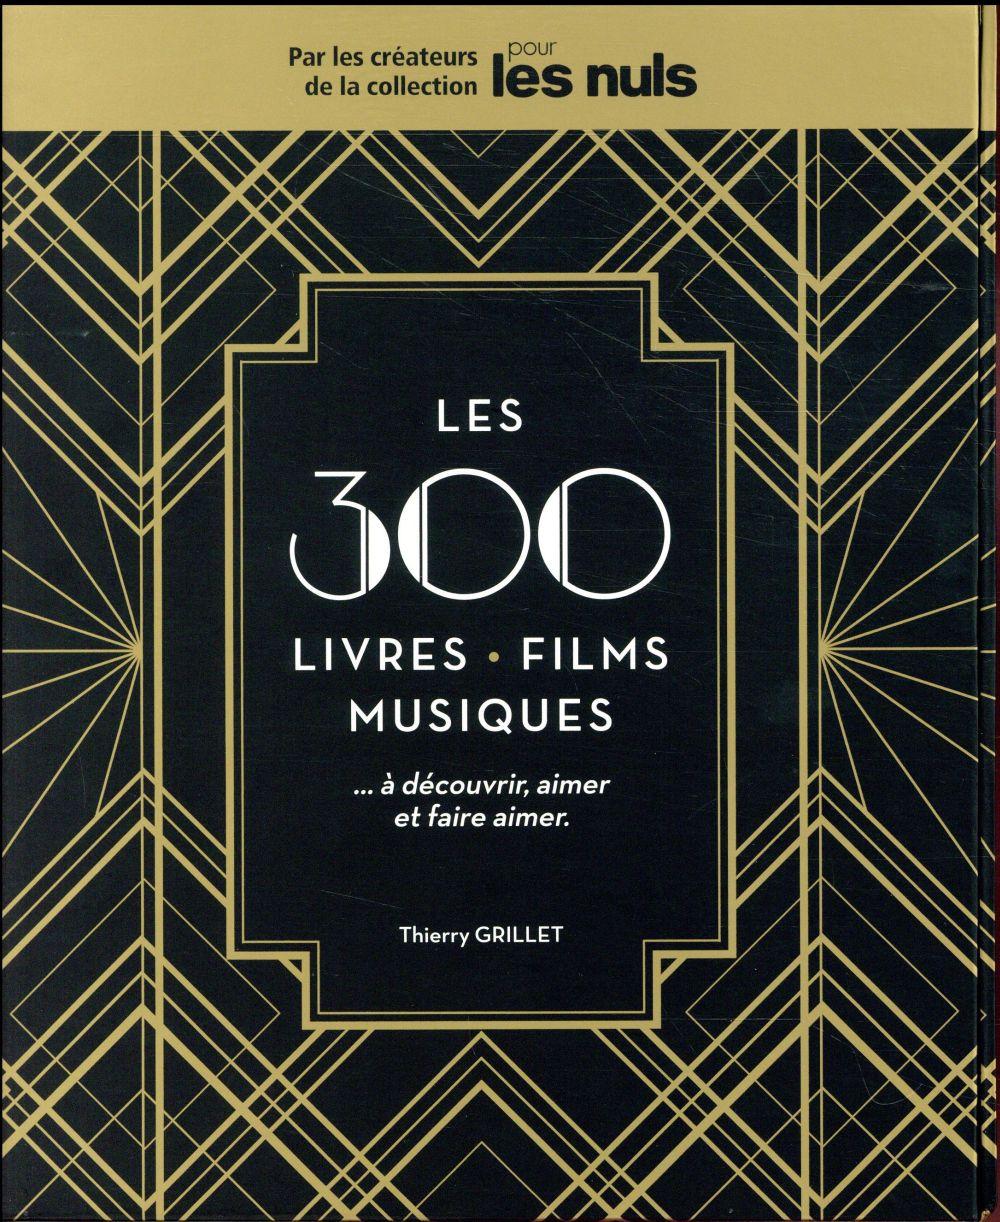 COFFRET LES 300 FILMS, LIVRES, MUSIQUES, A DECOUVRIR, AIMER ET FAIRE AIMER POUR LES NULS